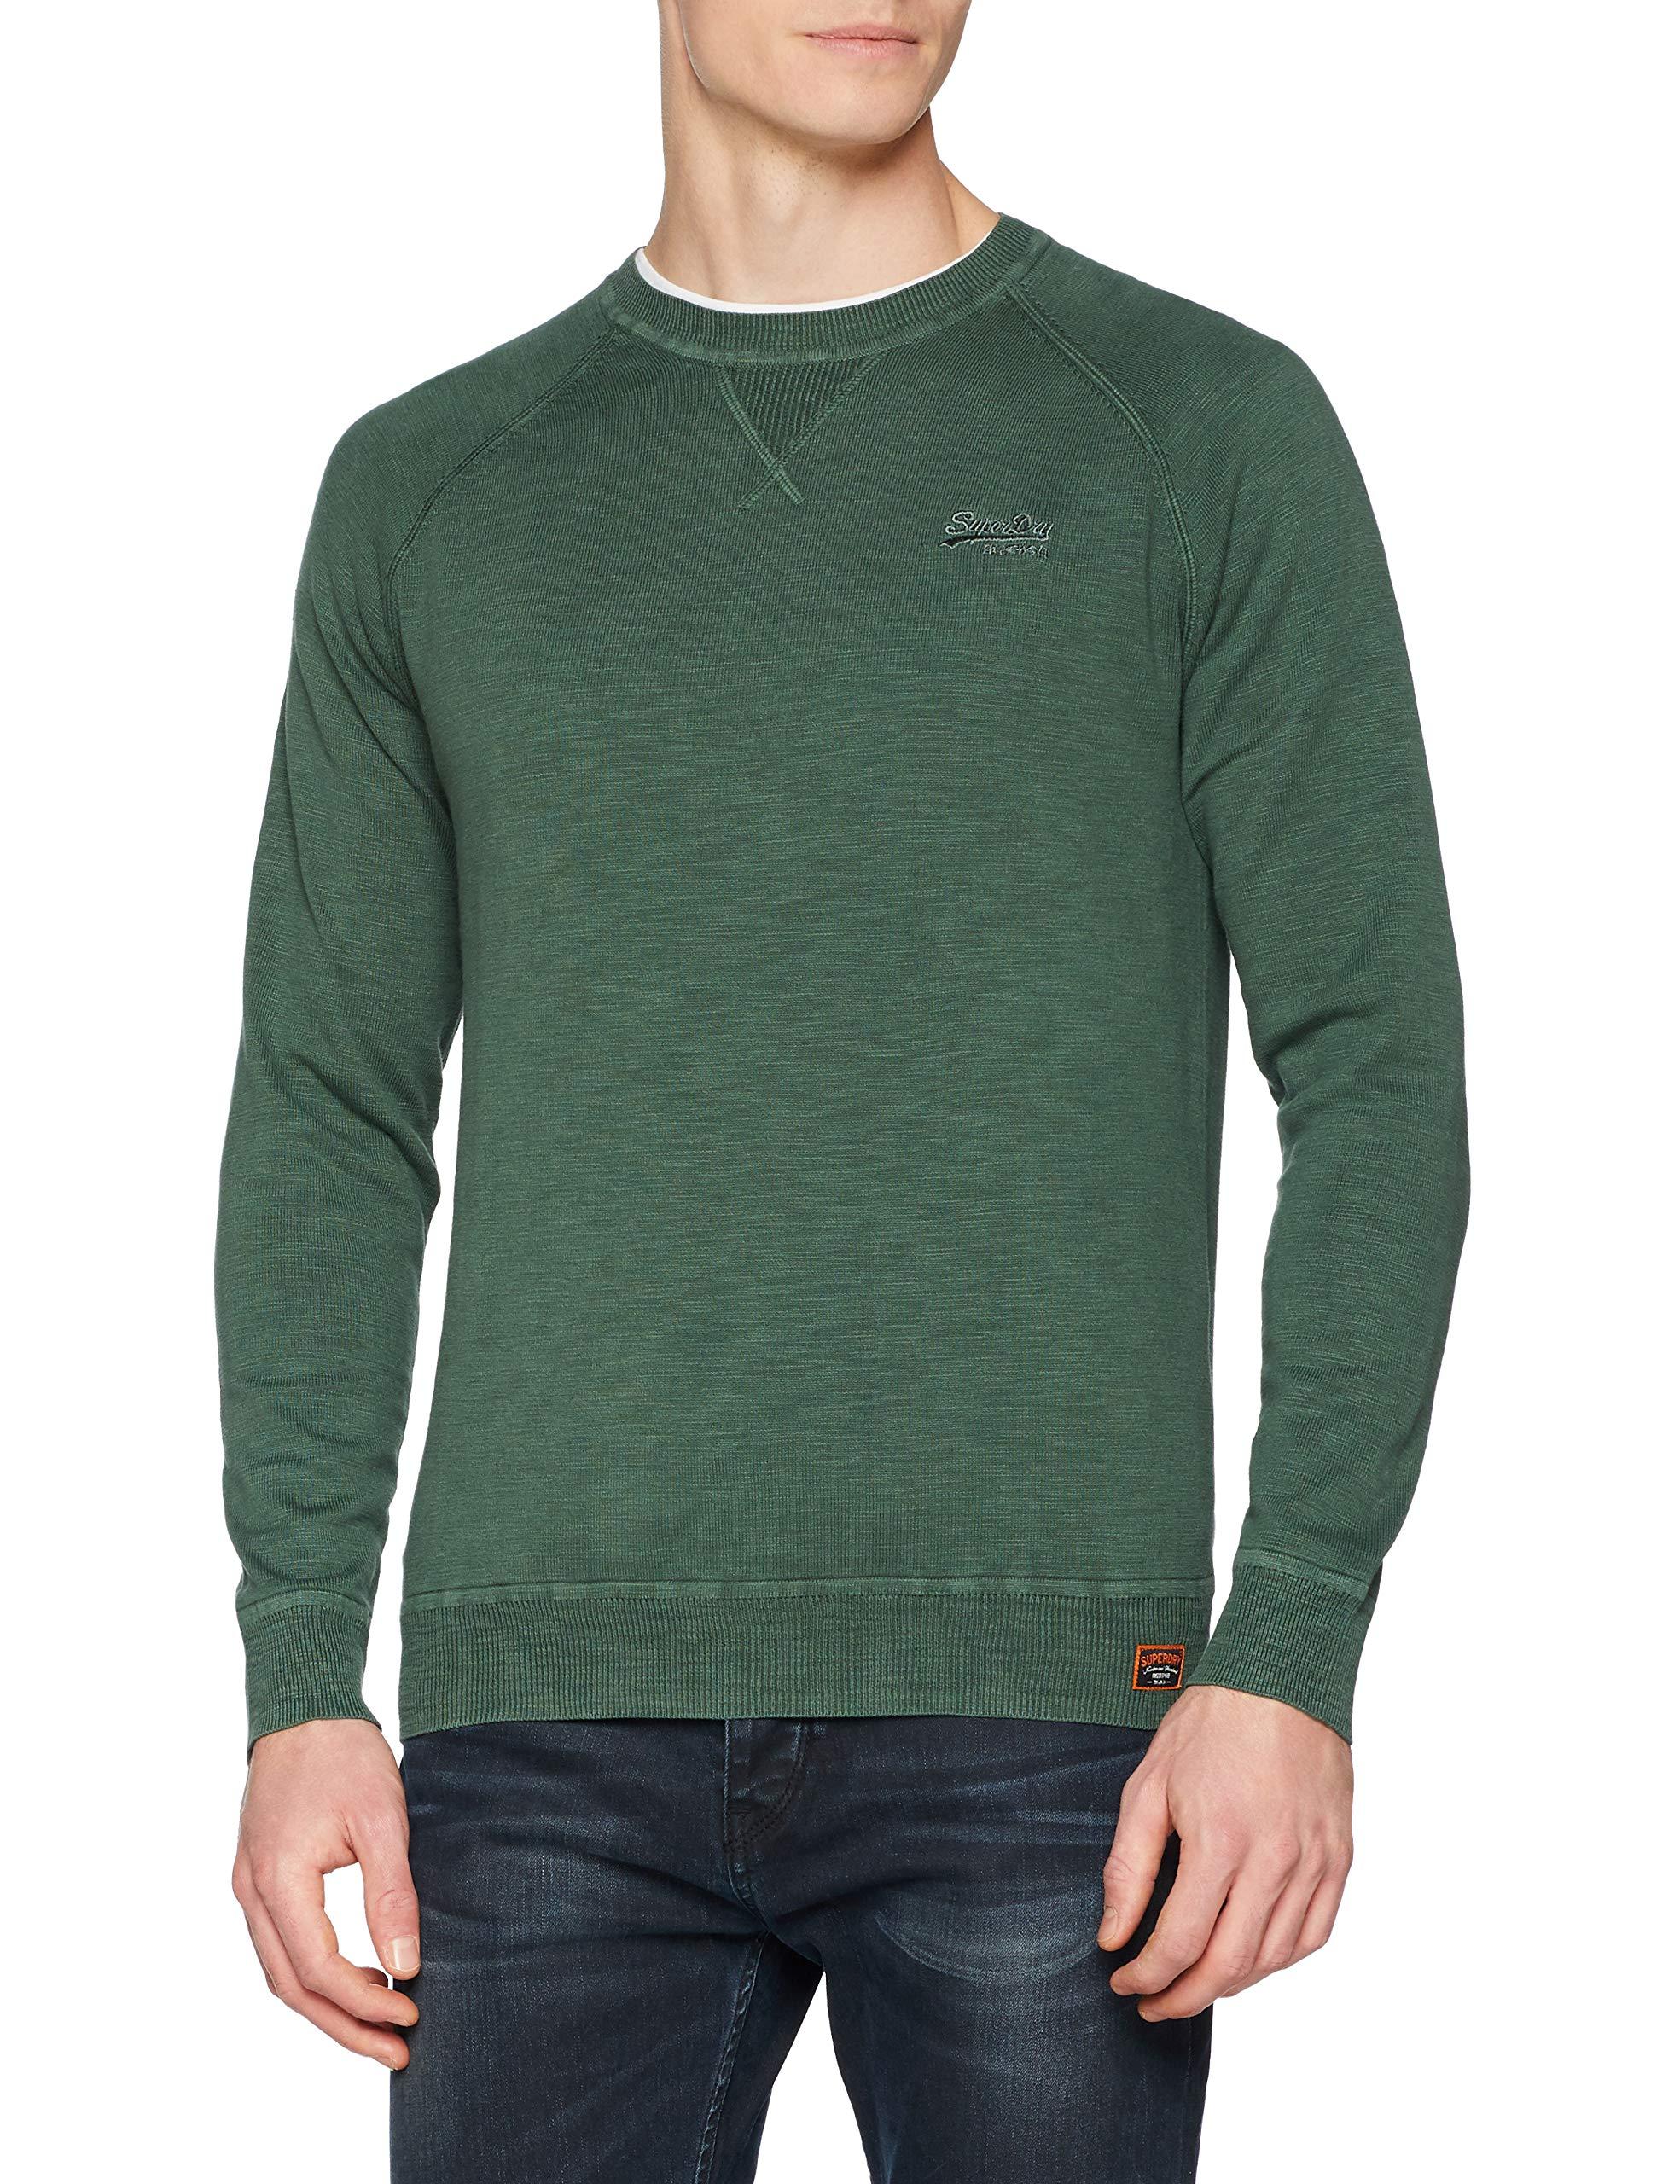 Dye Garment L De Forest SportVertwashed Homme aCrew Superdry large Up7X Sweat shirt 8wXknOP0